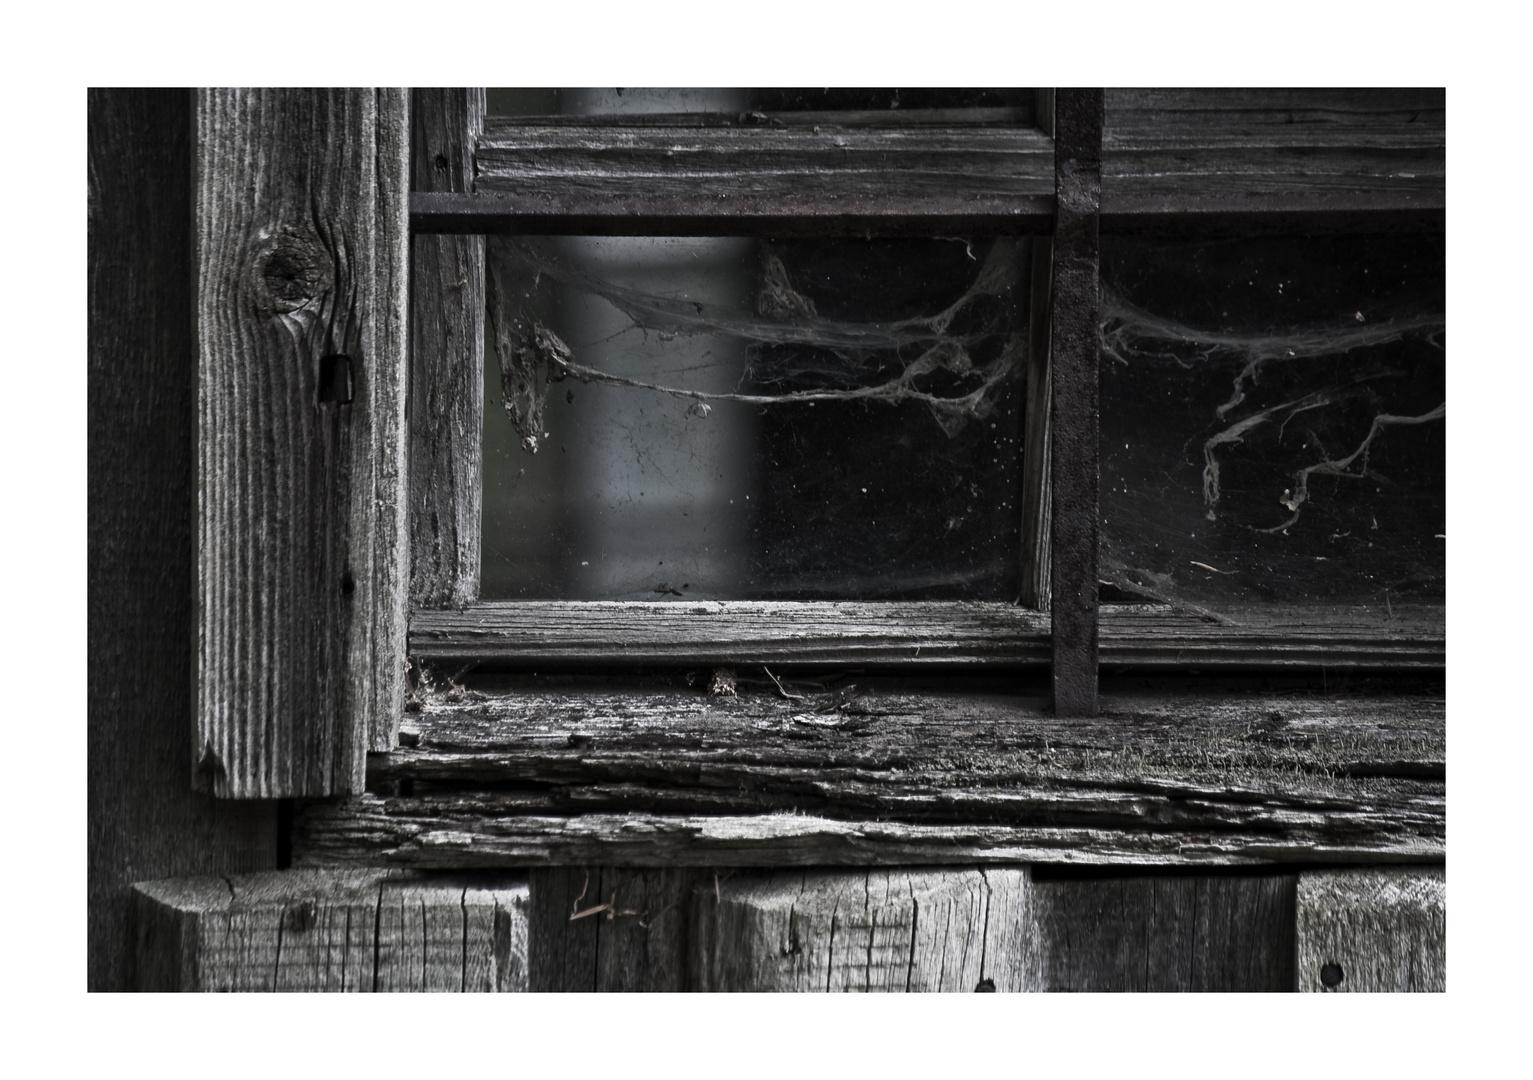 Schatz, Du könntest mal wieder das Fenster putzen!